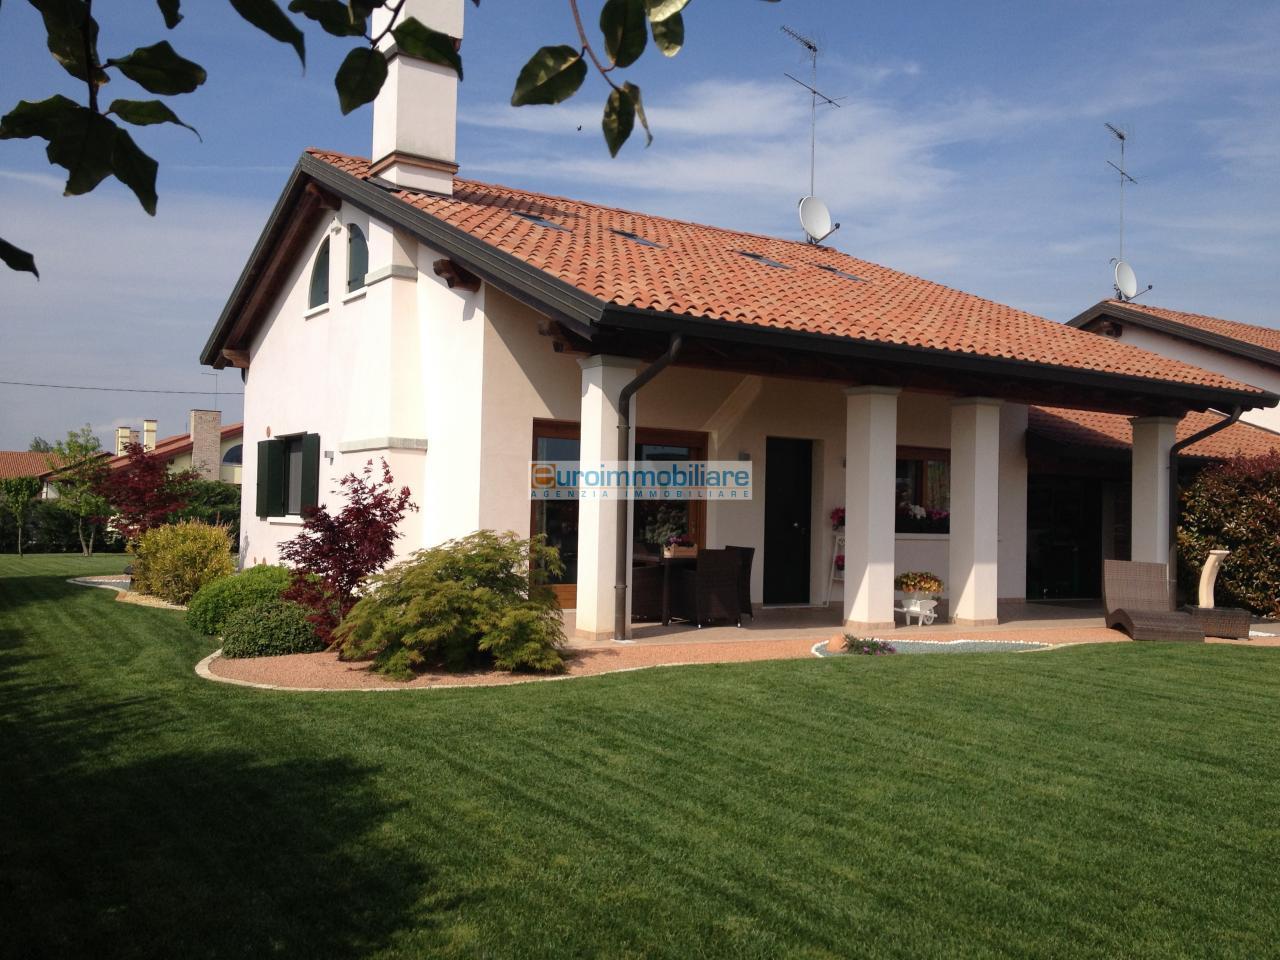 Villa in vendita a Jesolo, 8 locali, Trattative riservate | Cambio Casa.it